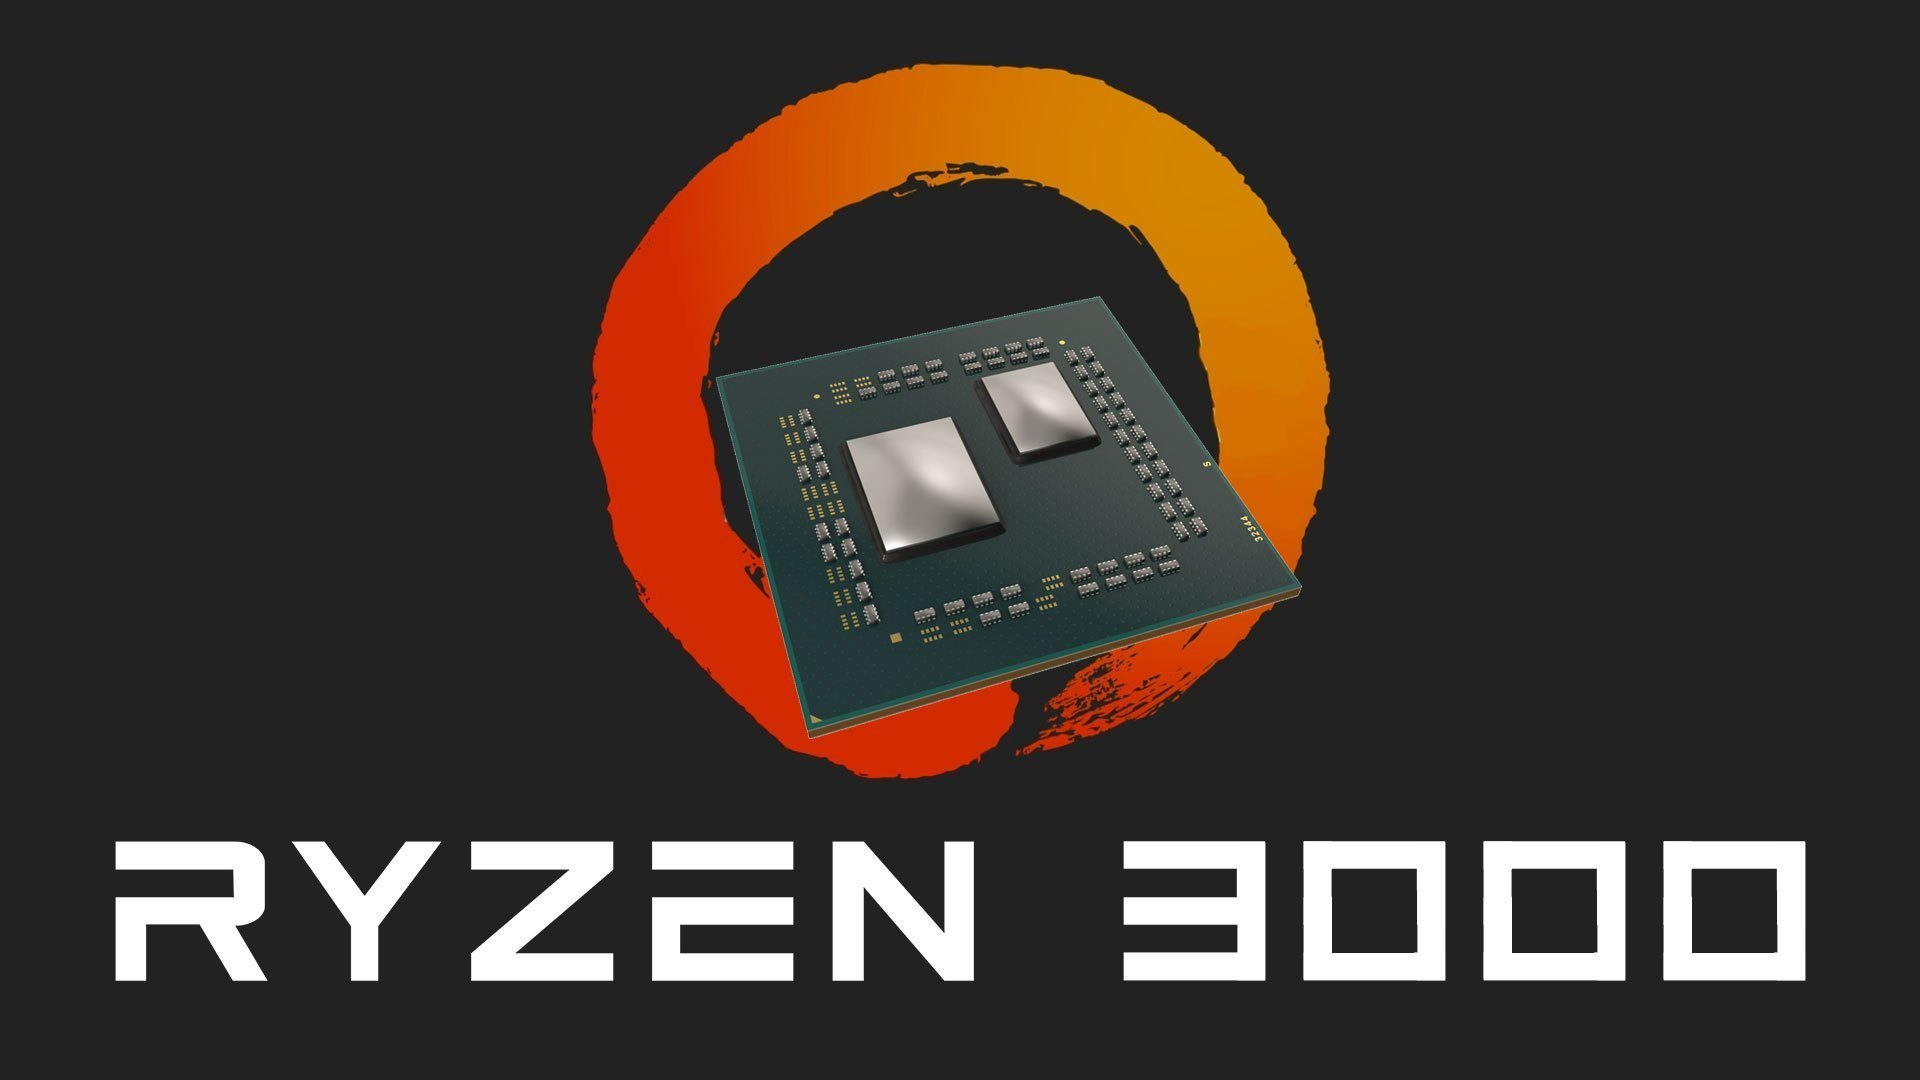 外星人主机意外曝光AMD全新处理器,堪称千元以下性价比神U!